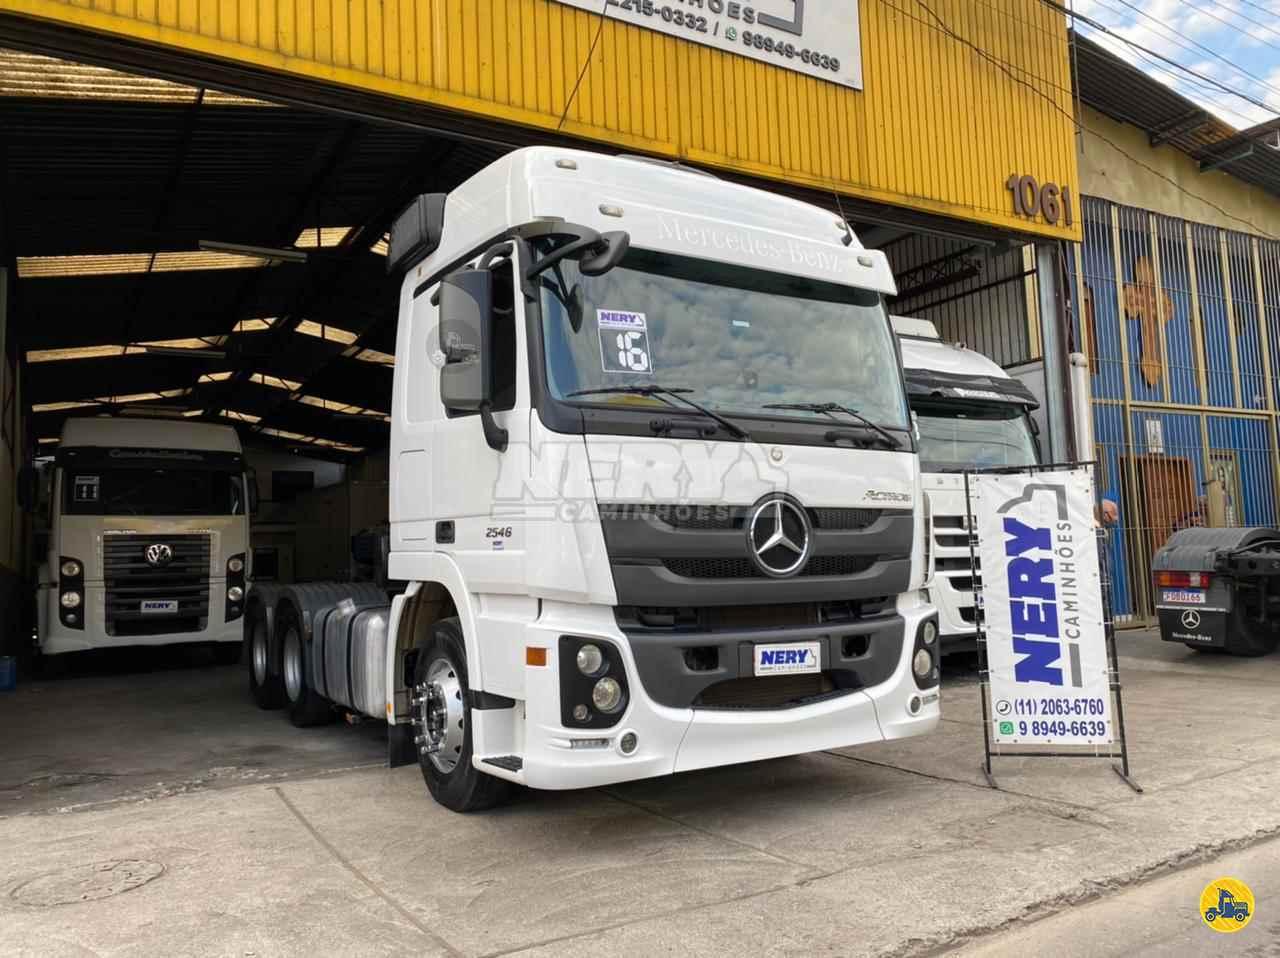 CAMINHAO MERCEDES-BENZ MB 2546 Cavalo Mecânico Truck 6x2 Nery Caminhões N.C.V. SAO PAULO SÃO PAULO SP